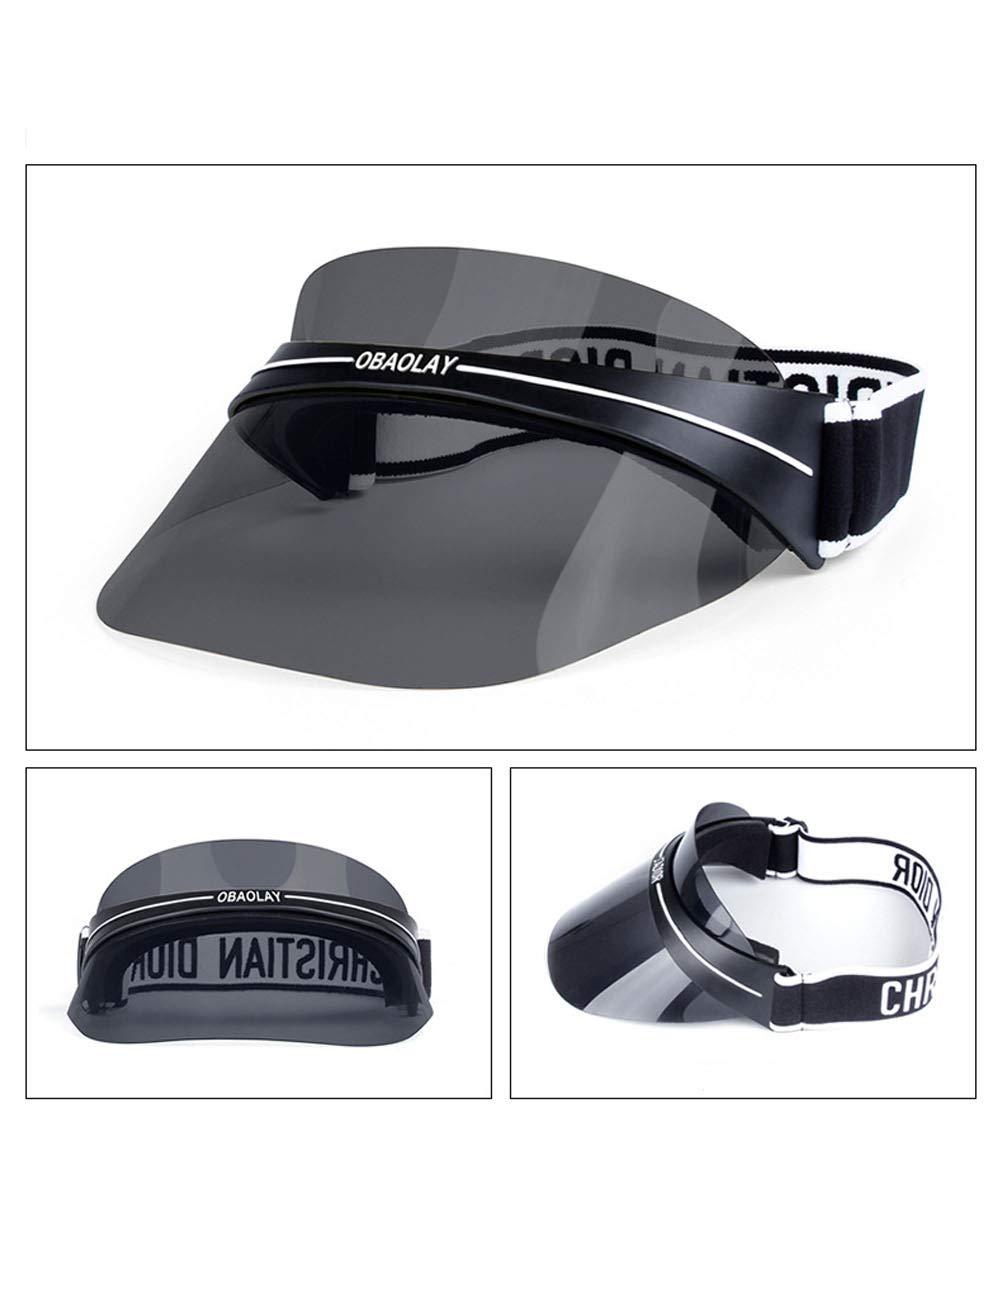 CUKKE Uomo Donna Sport Visiera Parasole Cappello Tesa Larga Raggi UV Protezione Esterna Sportiva Copricapo